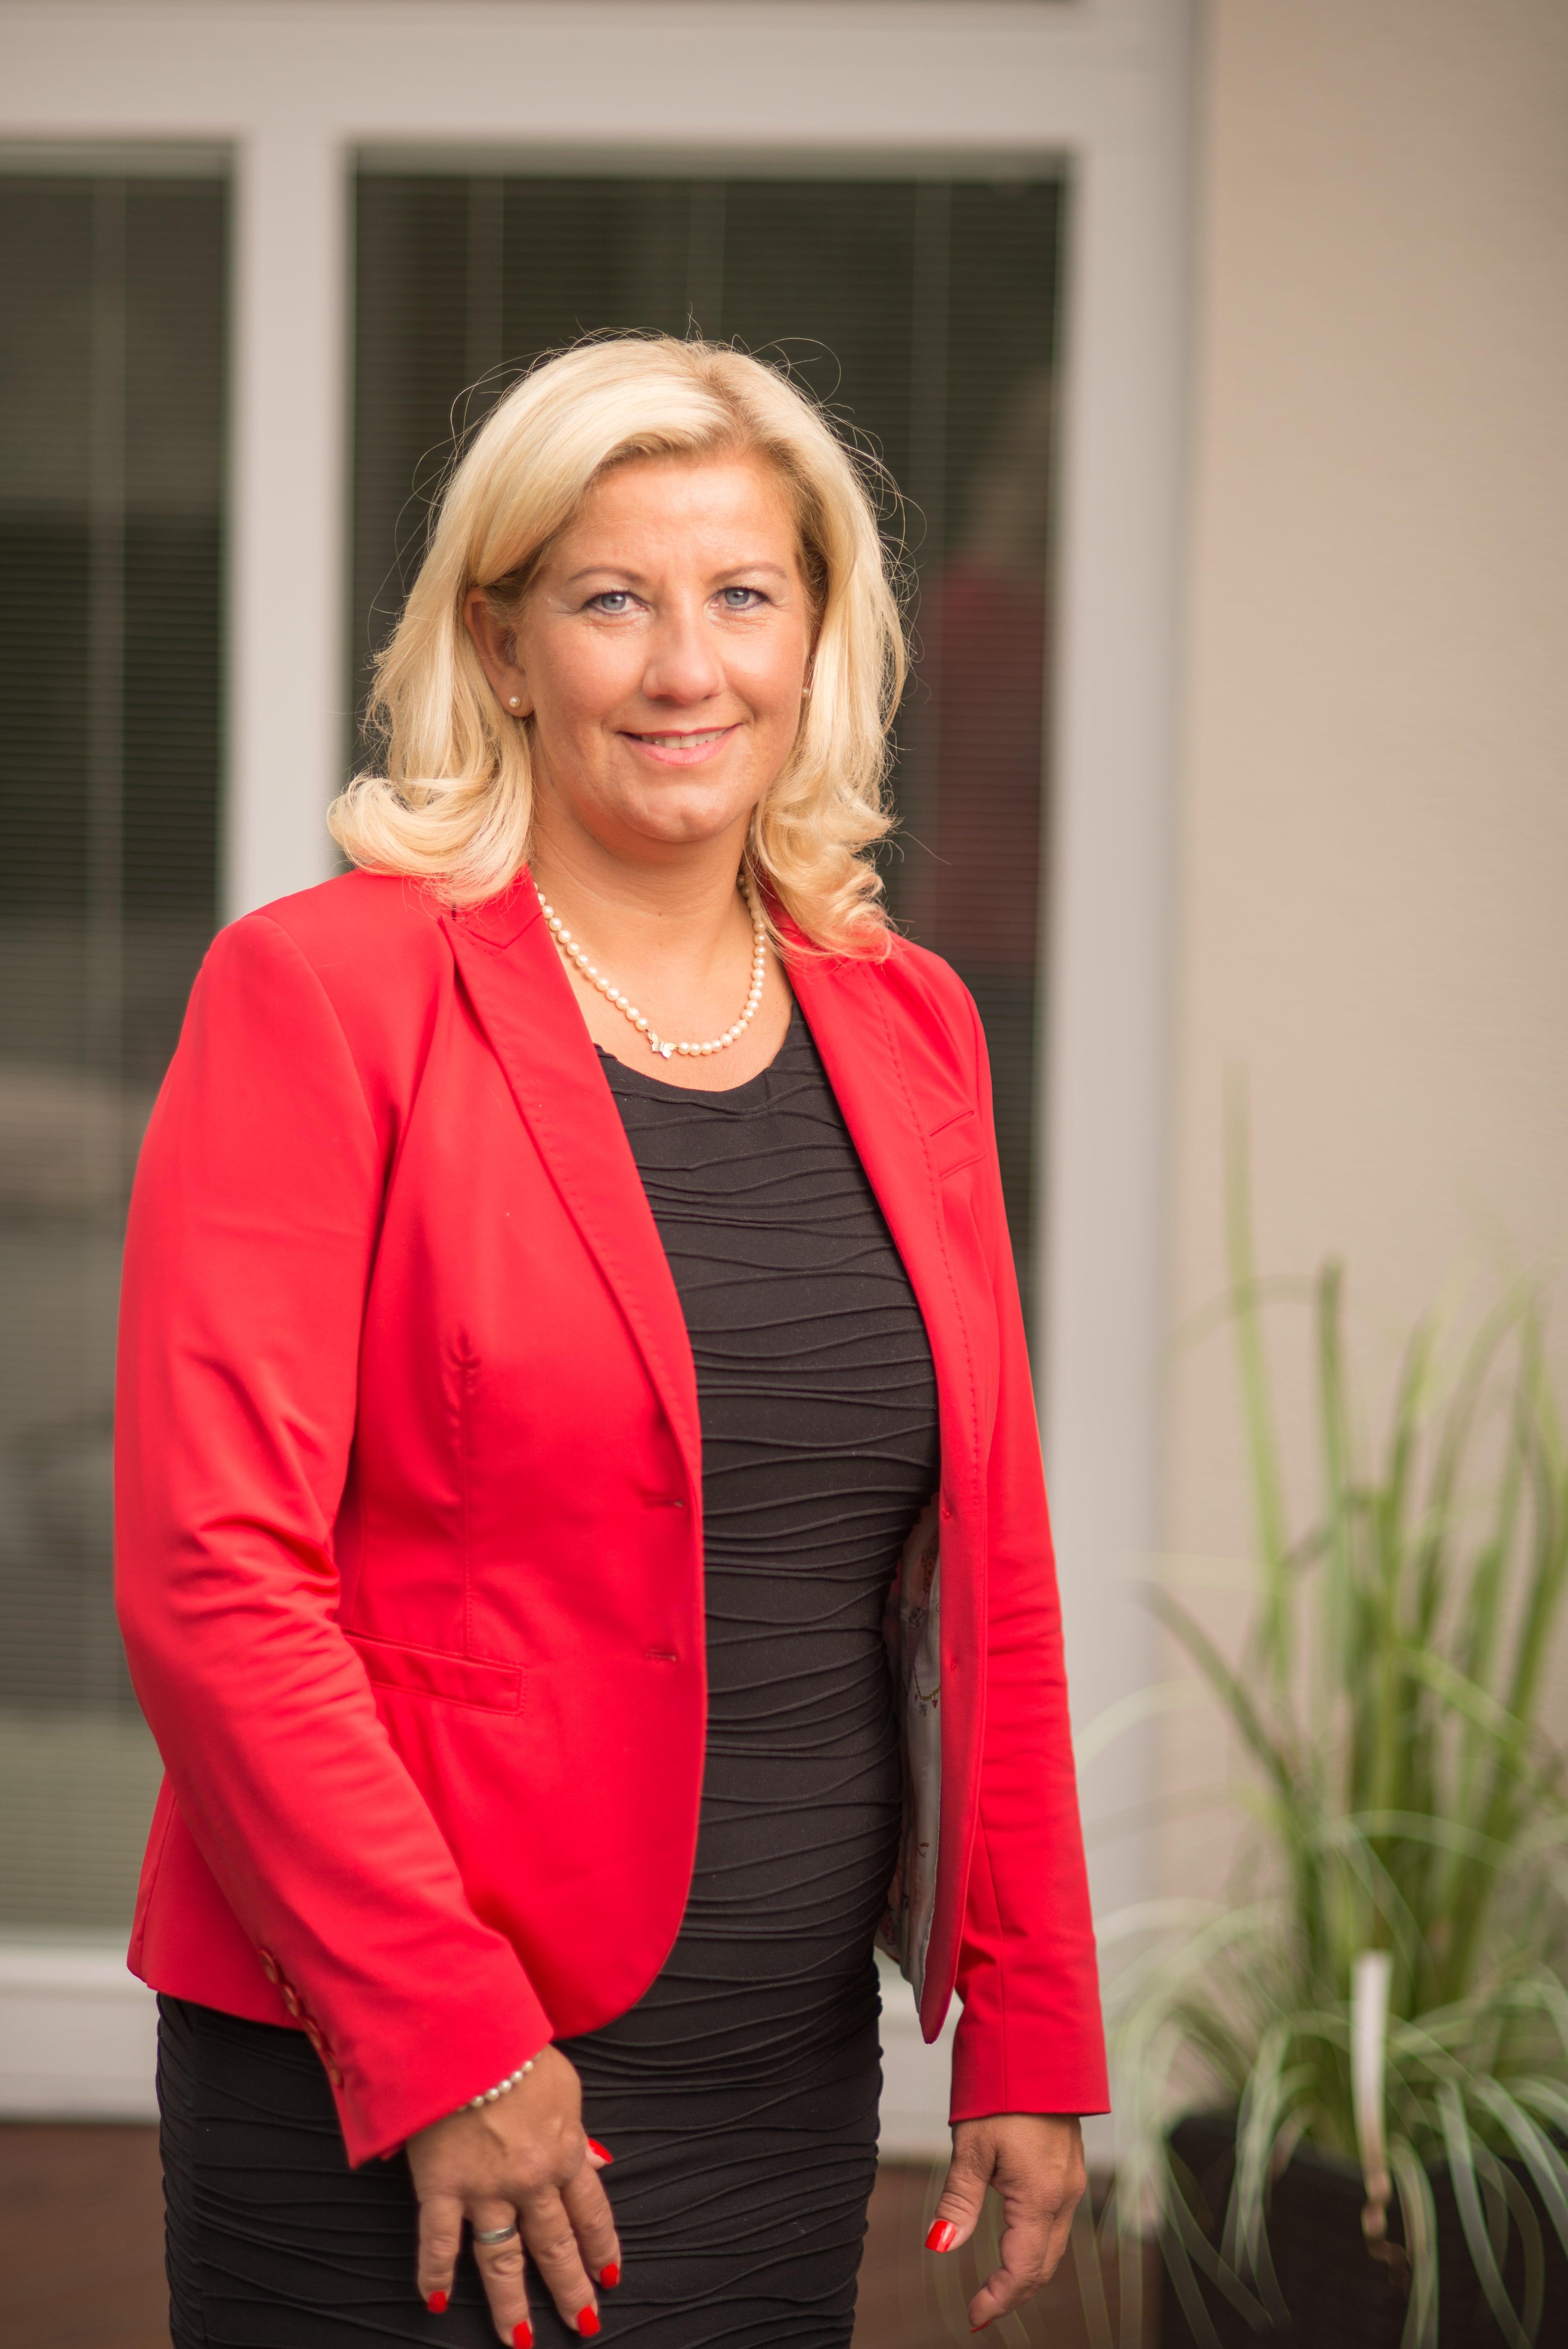 Fachberaterin Sonja Grebien